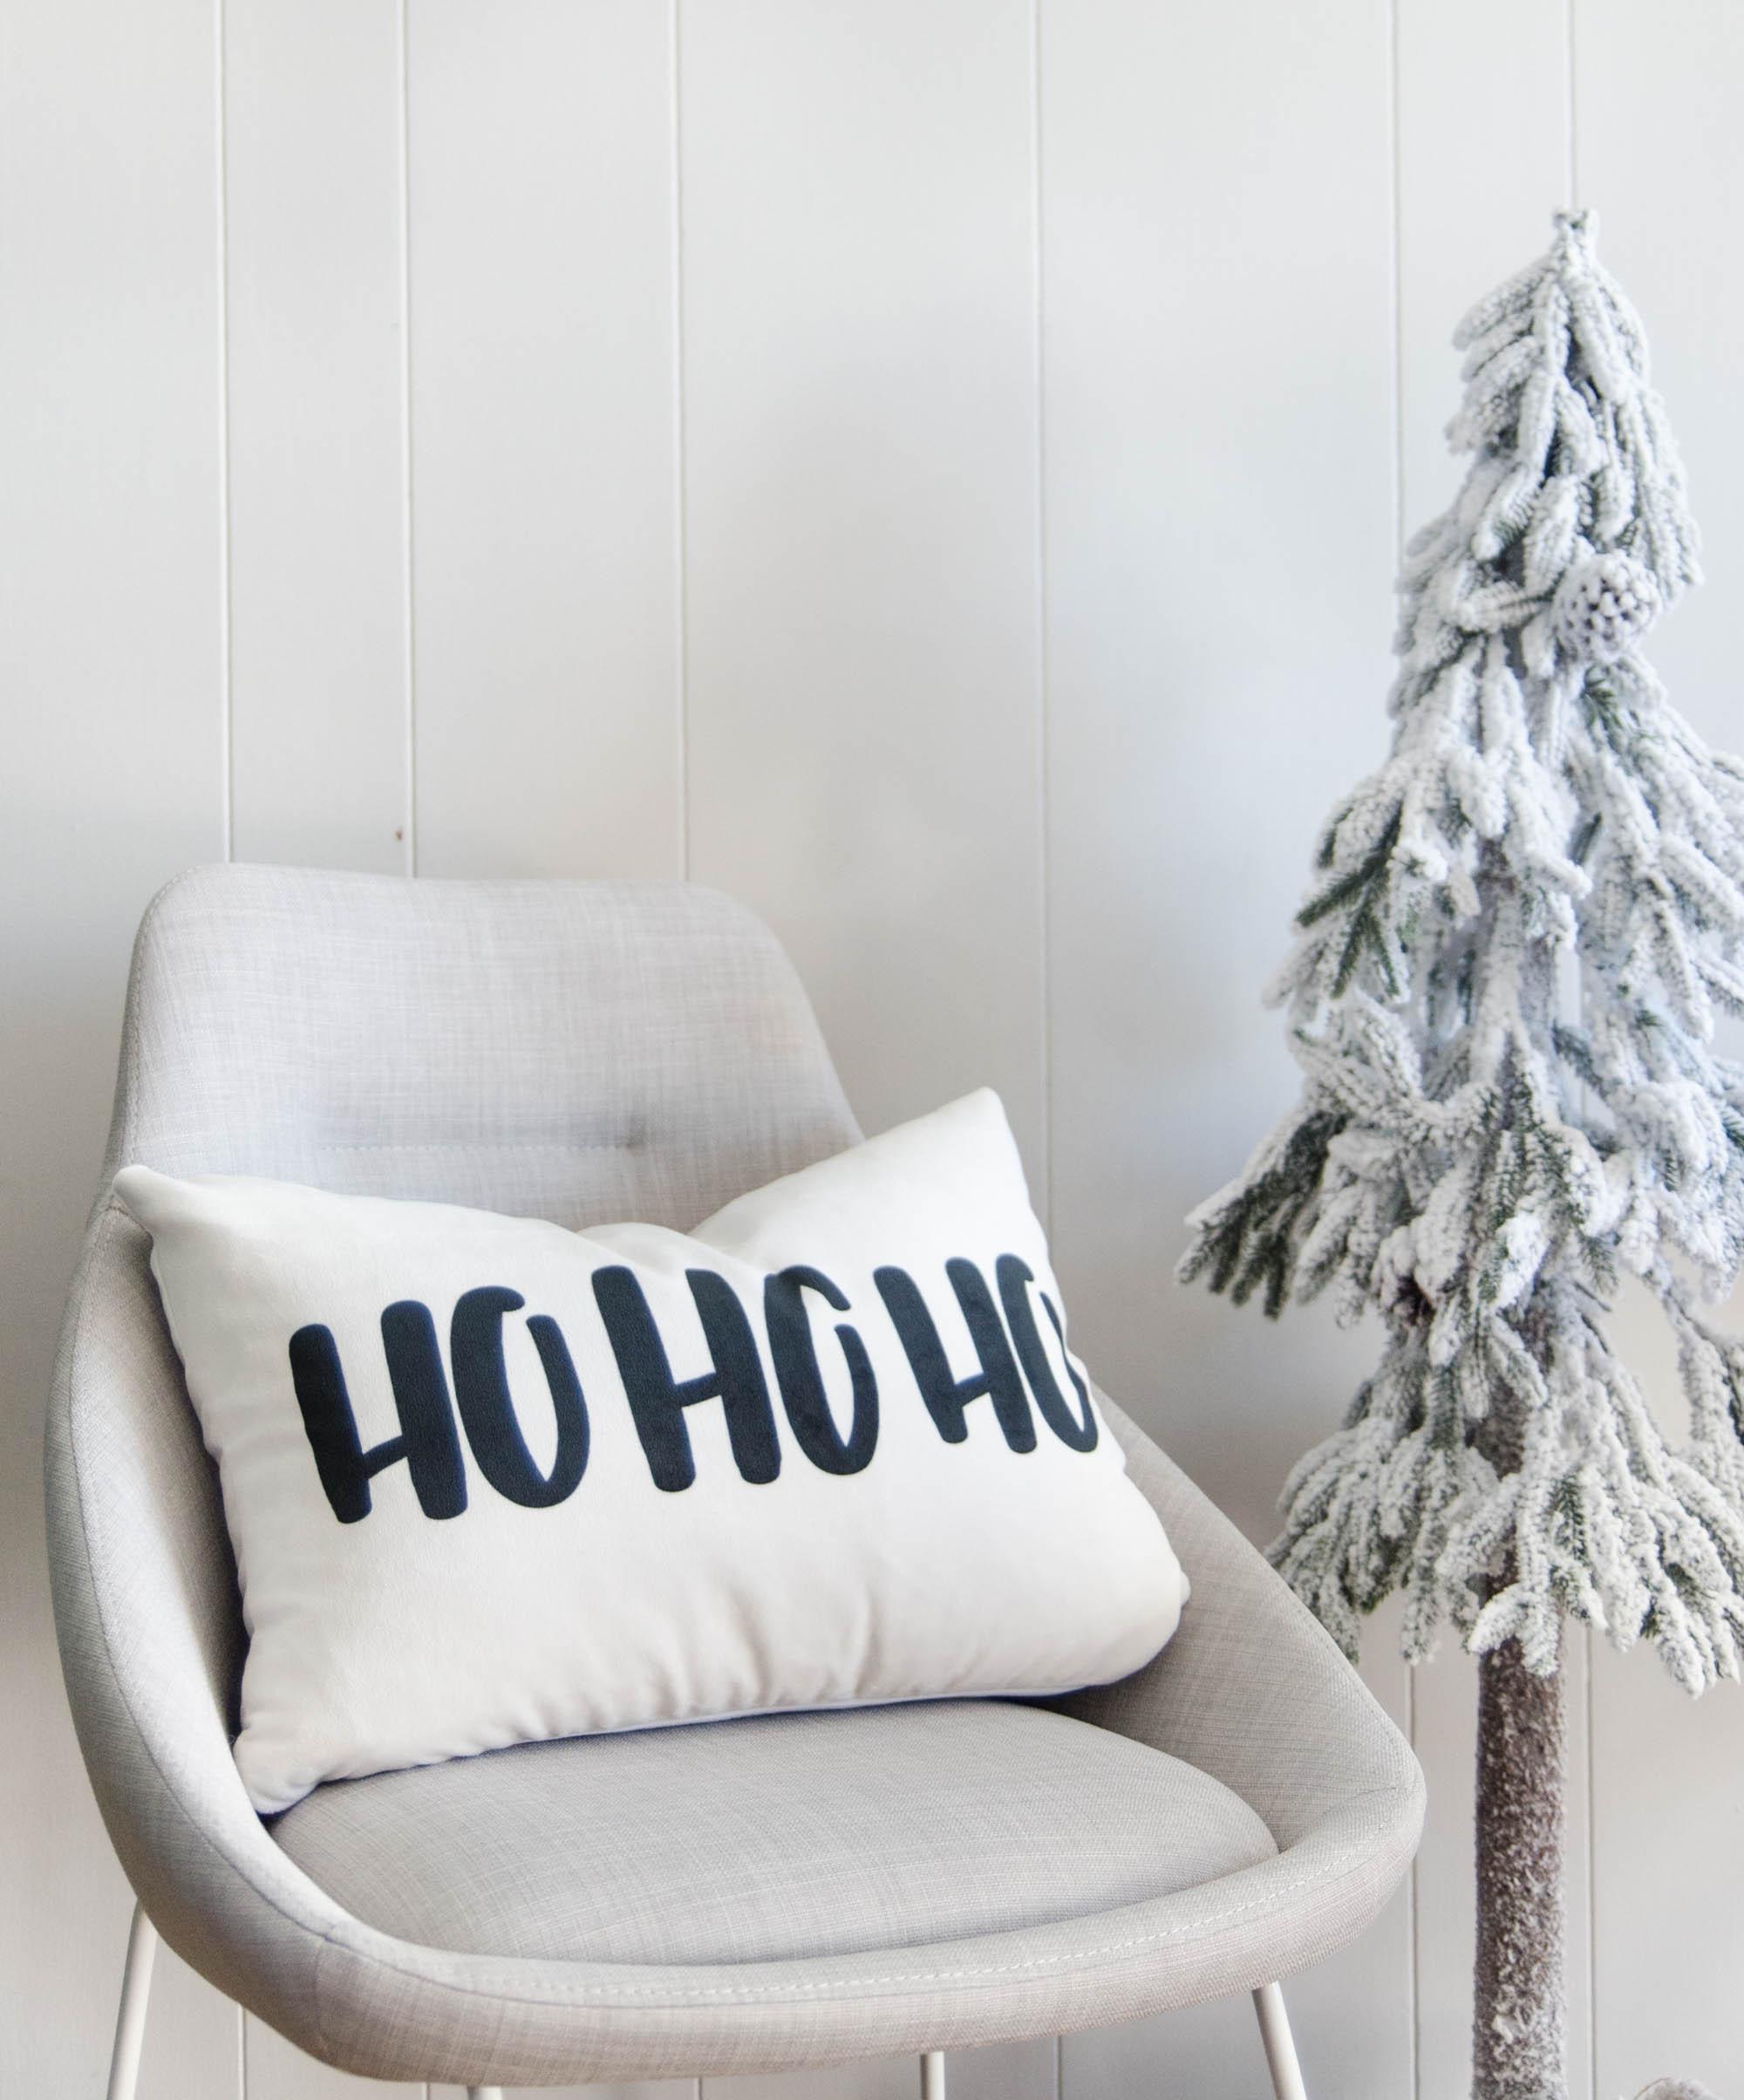 HO HO HO! Modern Hand lettered Holiday Pillow- Velveteen Soft - Lemon Thistle